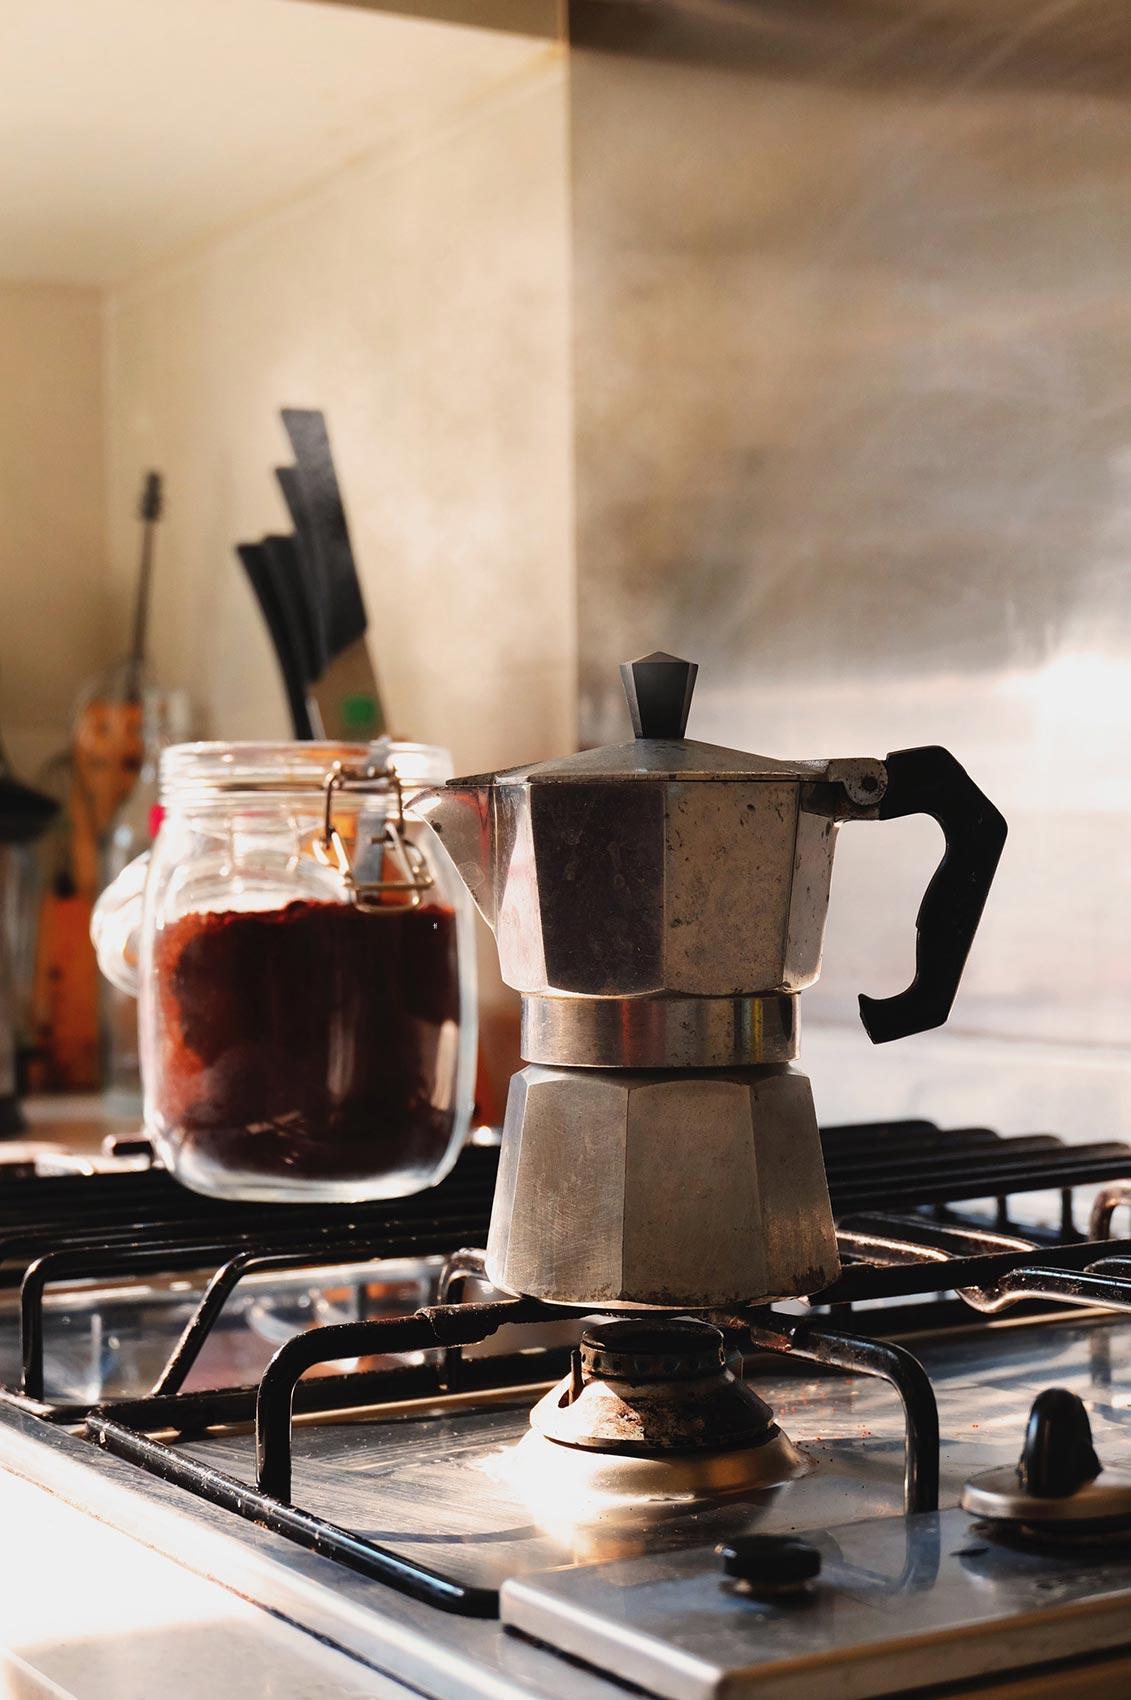 CafCaf Kaffee Blog, Kaffeeblog: Mokka / Bialetti zu Hause